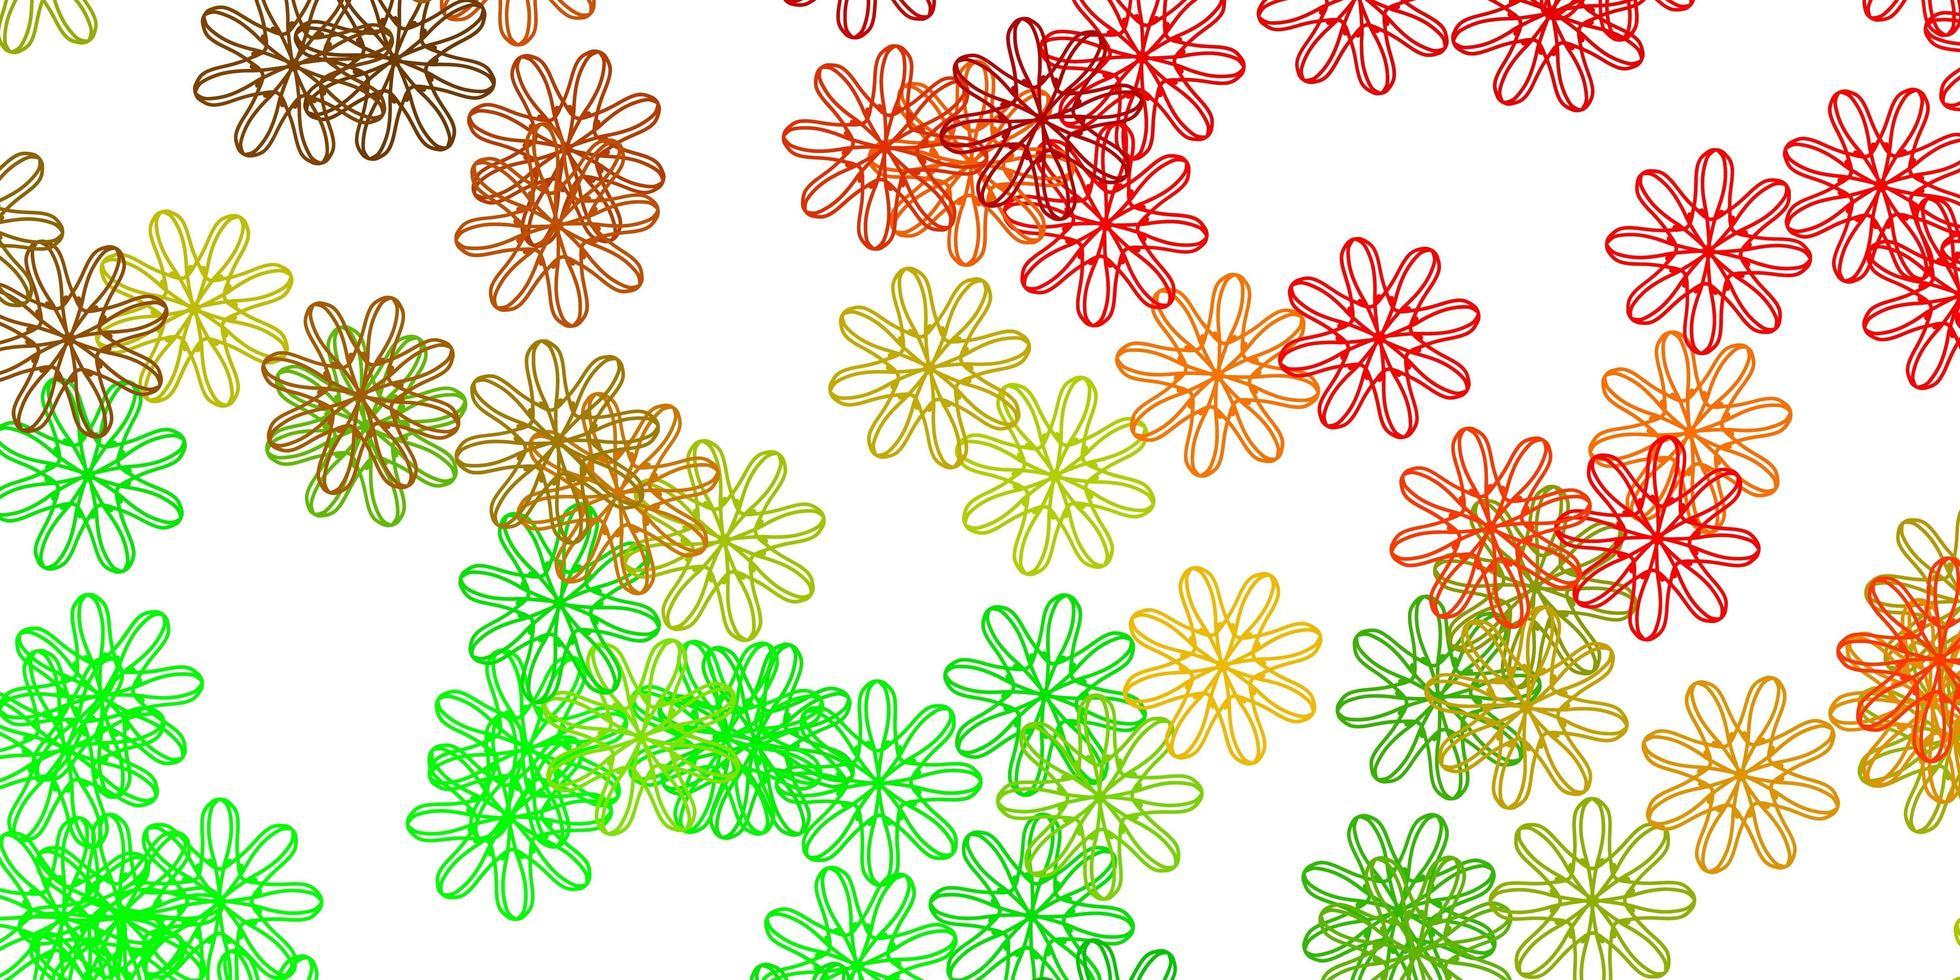 oeuvre naturelle de vecteur vert clair, rouge avec des fleurs.